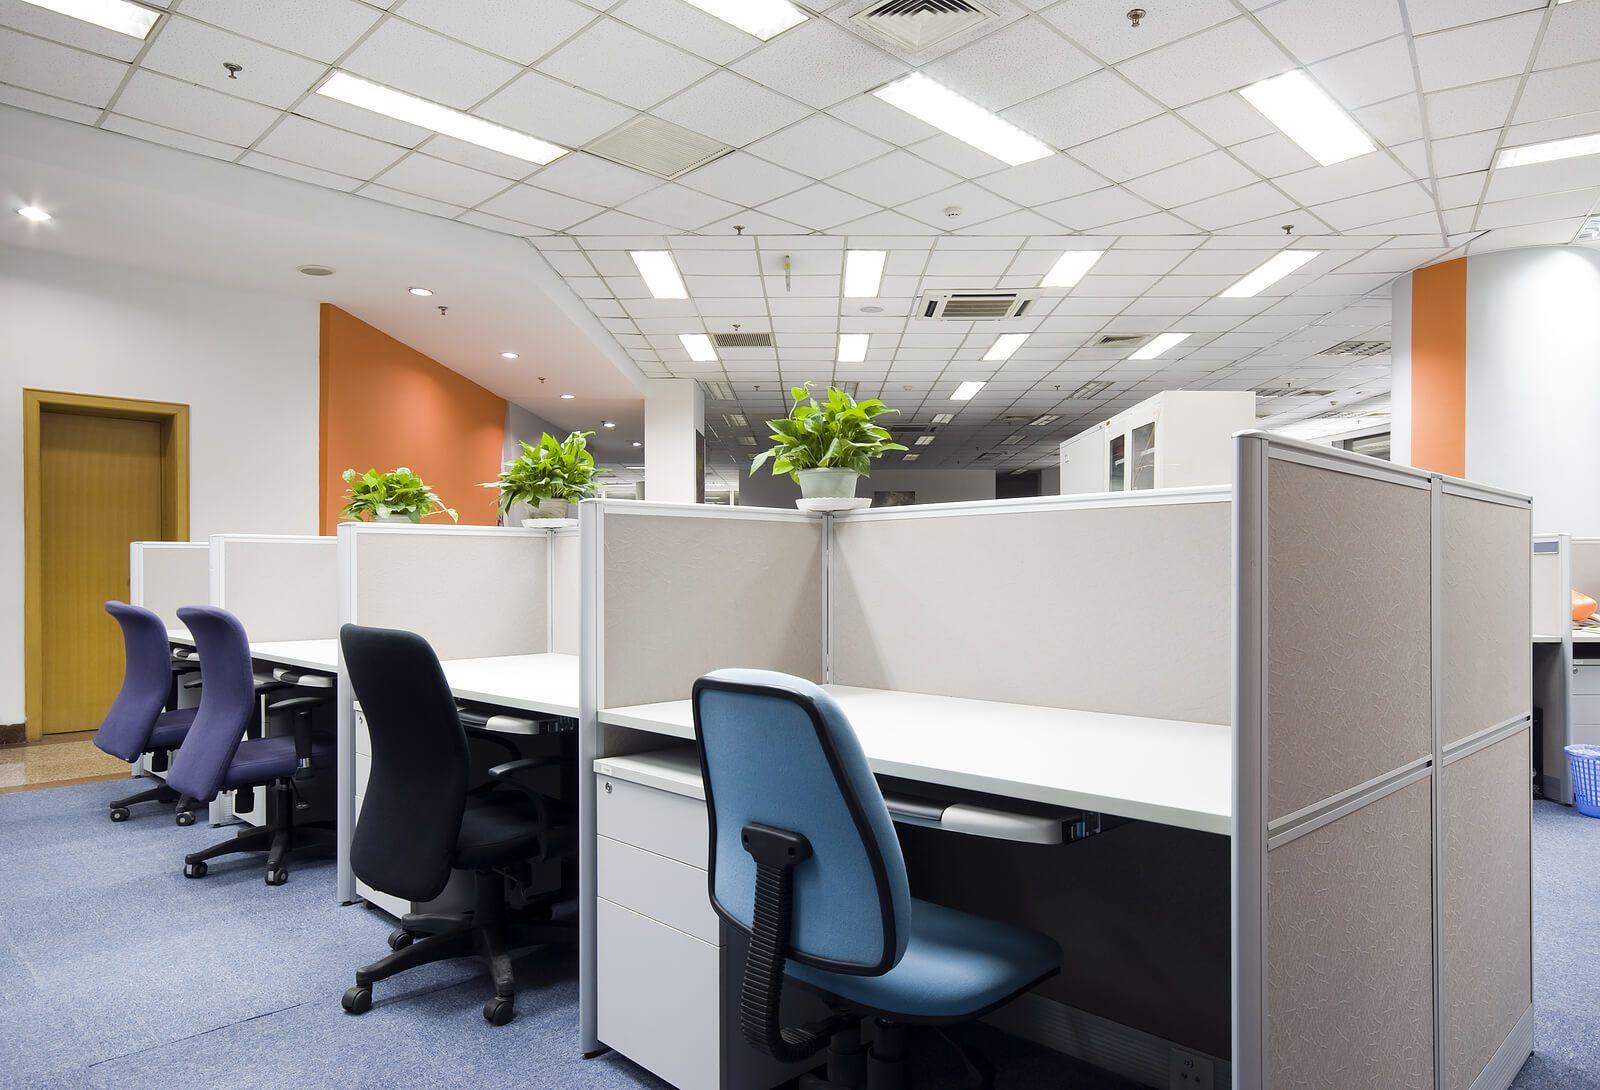 Vệ sinh văn phòng thường xuyên giúp không gian làm việc luôn thoáng mát, sạch đẹp